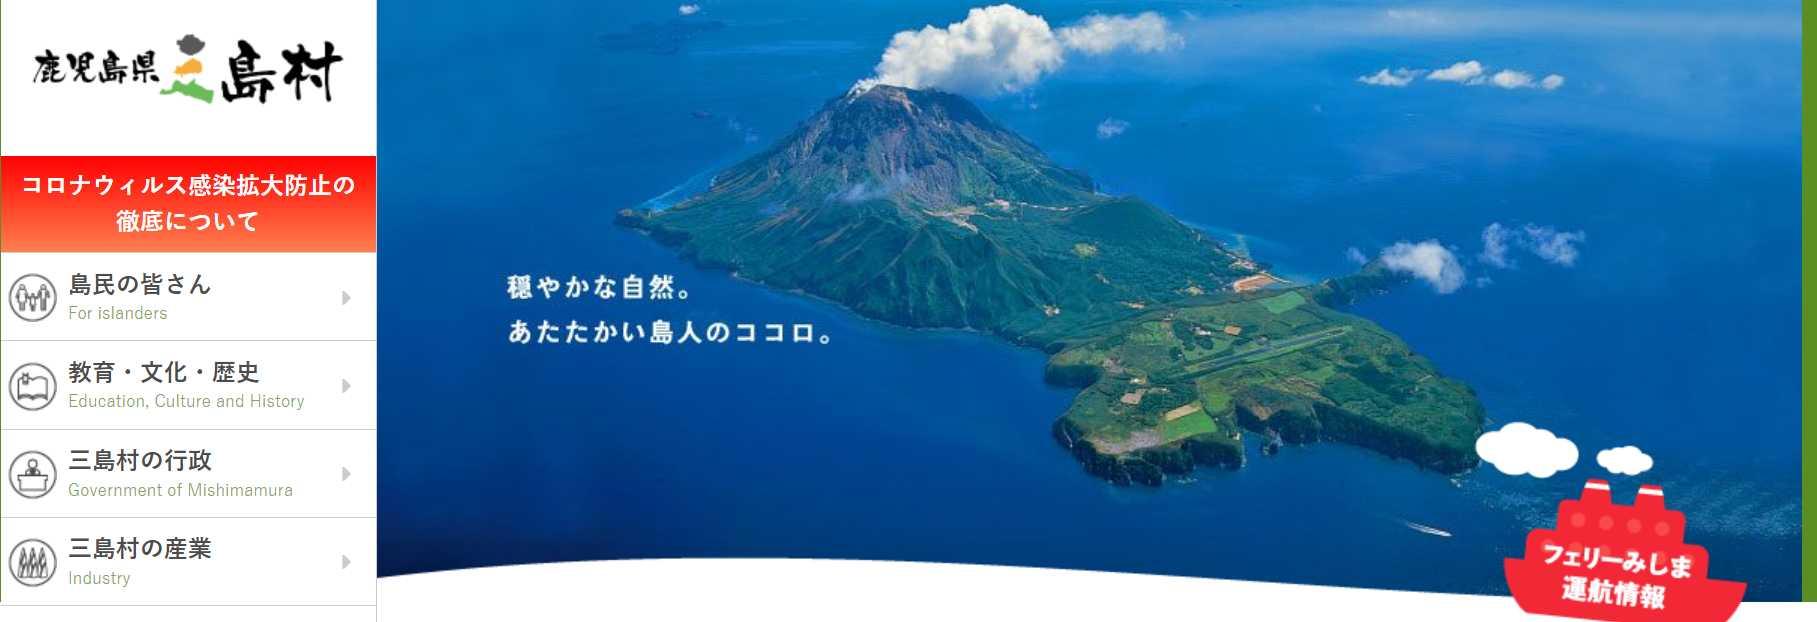 三島村公式HP